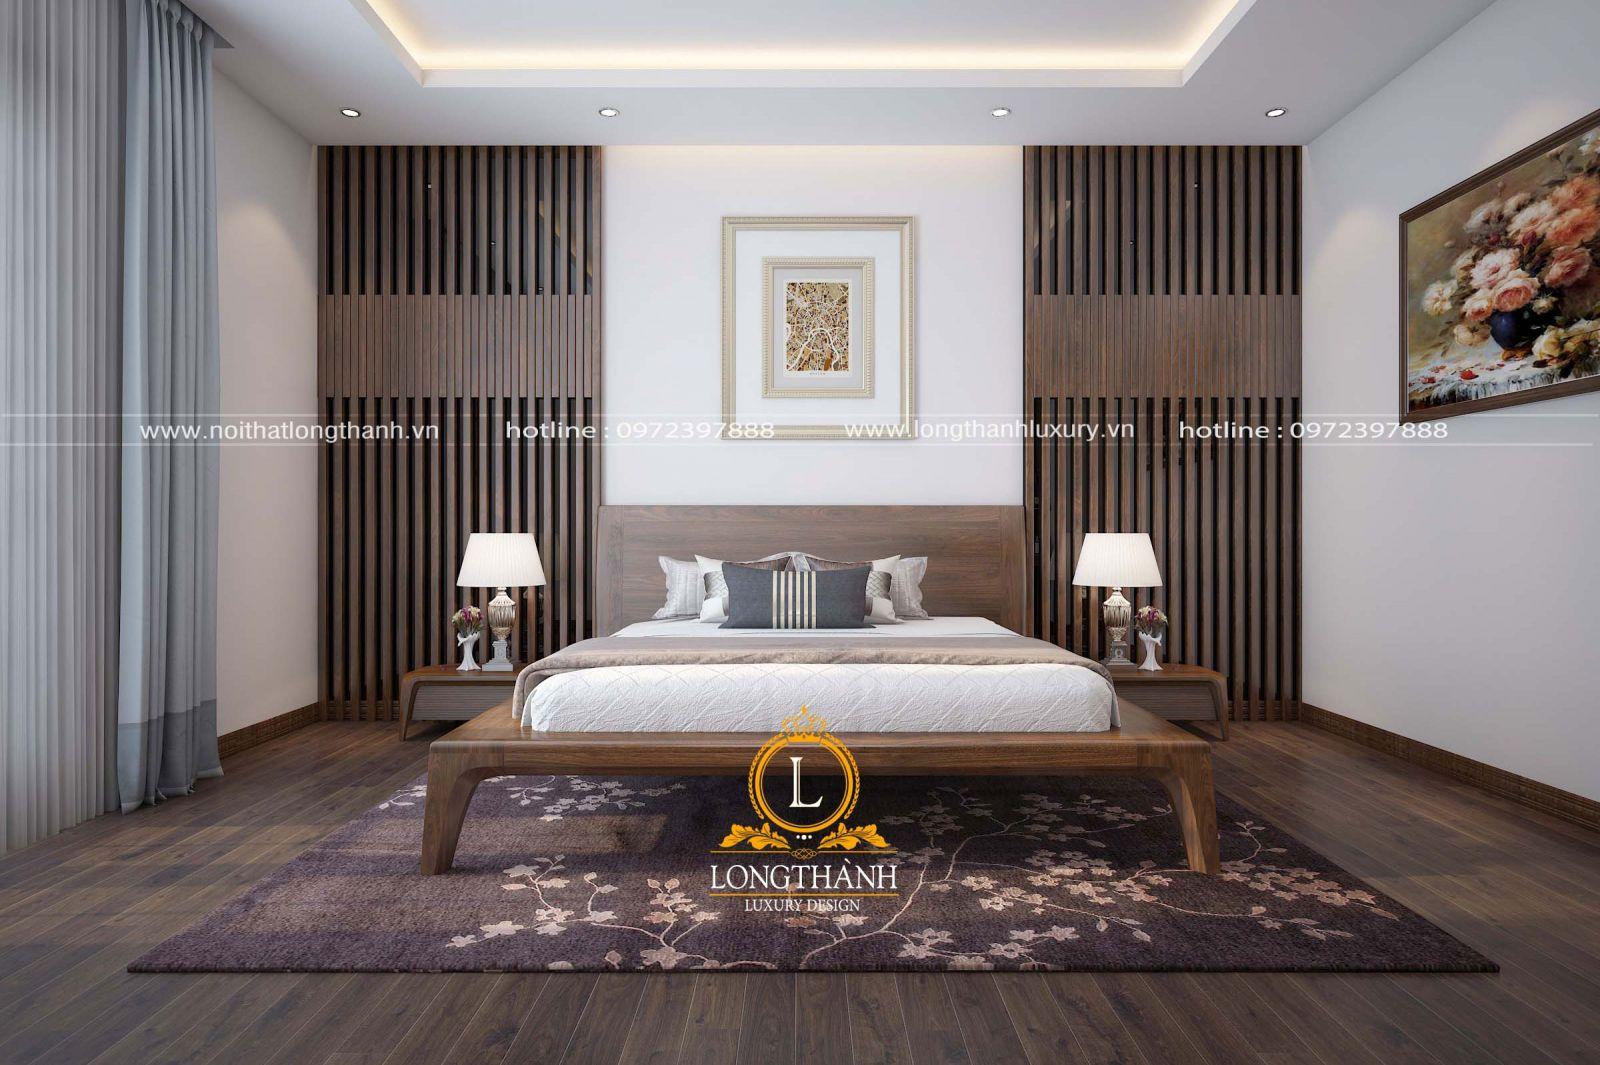 Mẫu phòng ngủ đẹp hiện đại bằng gỗ óc chó